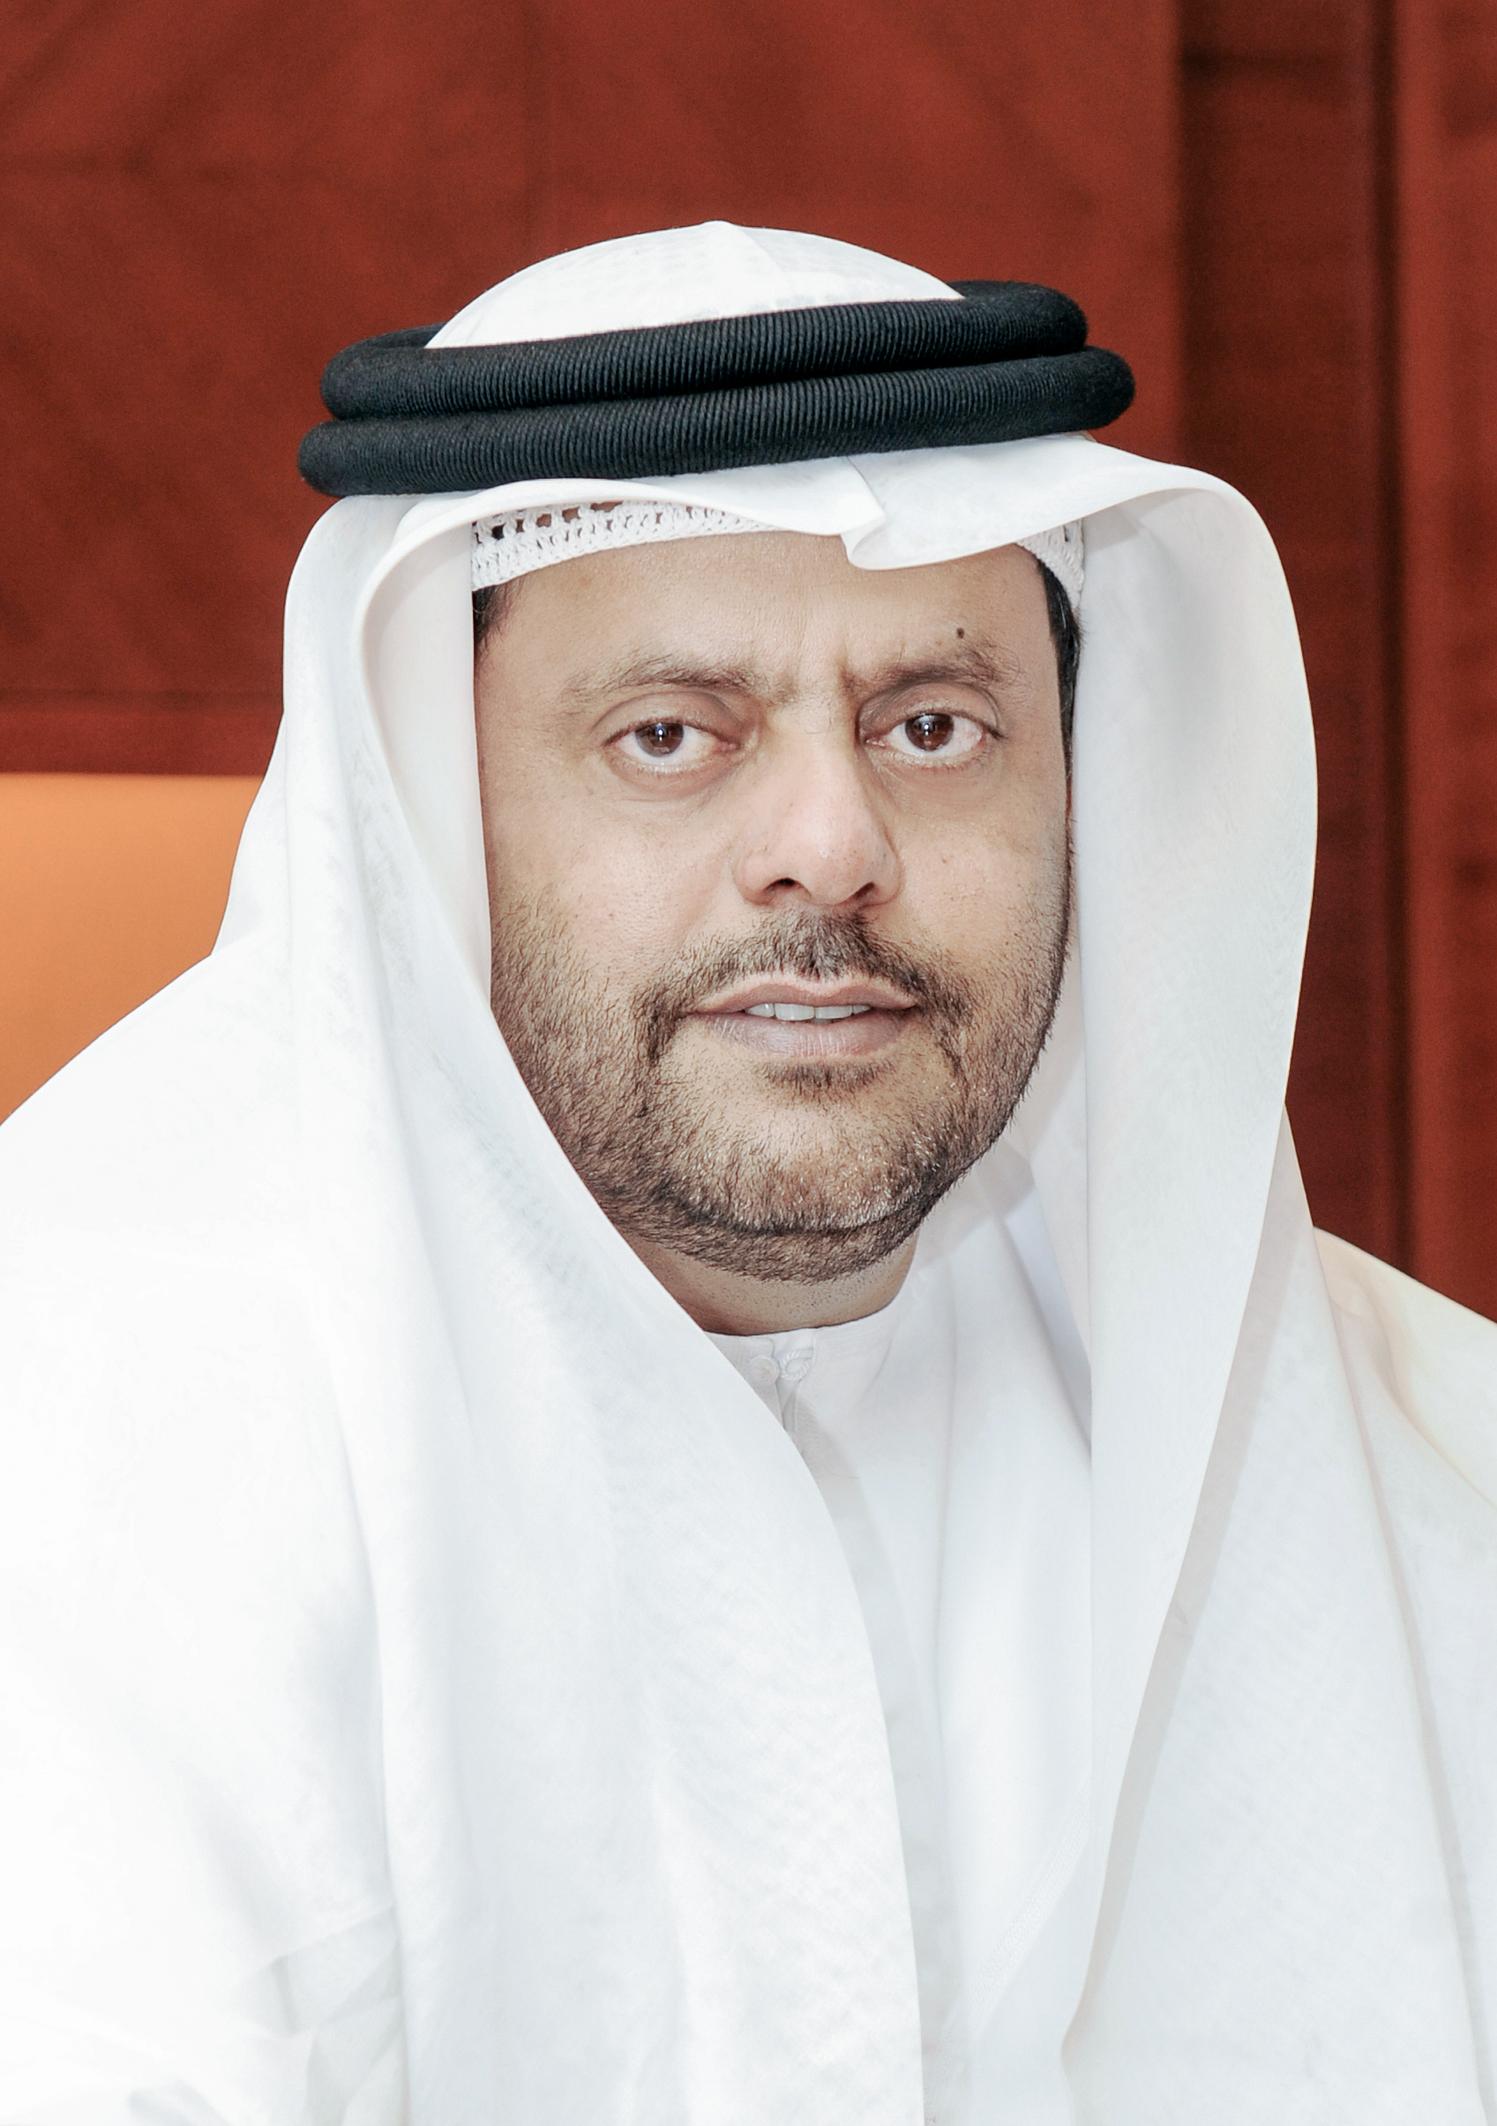 اتحاد غرف الإمارات يعيد النظر بعلاقاته مع الدول الرافضة لاستقبال رعاياها